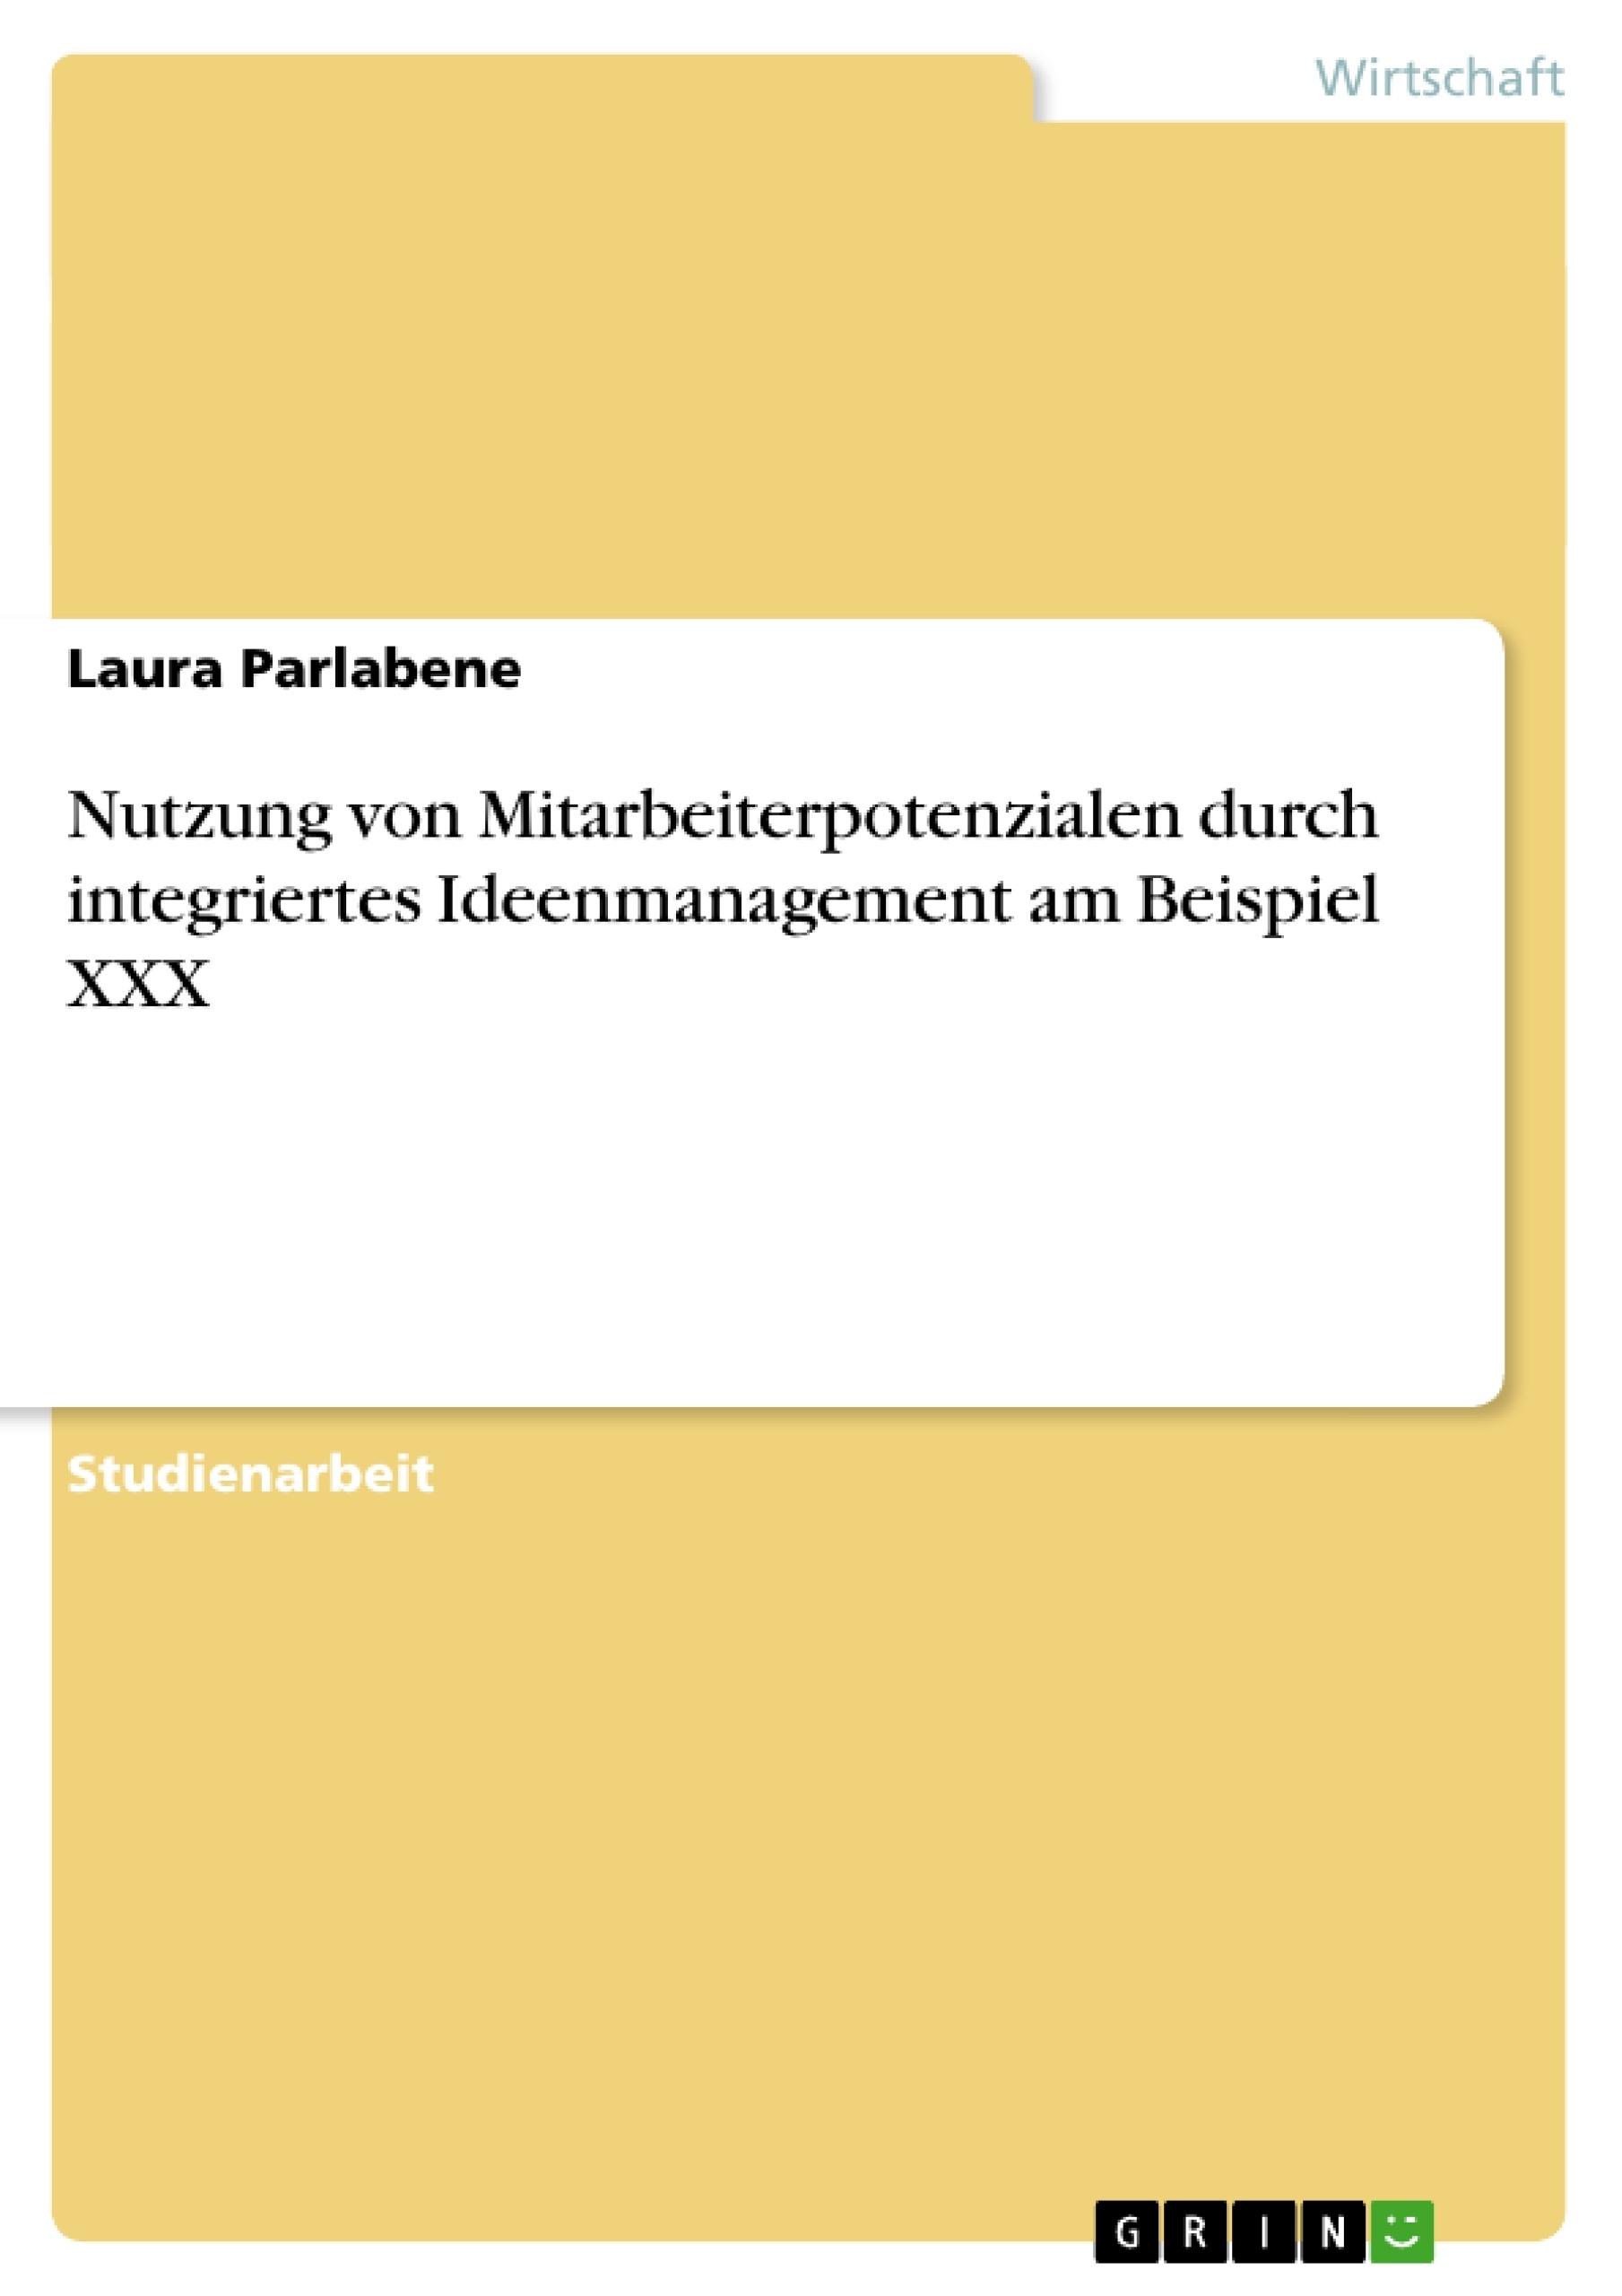 Titel: Nutzung von Mitarbeiterpotenzialen durch integriertes Ideenmanagement am Beispiel XXX